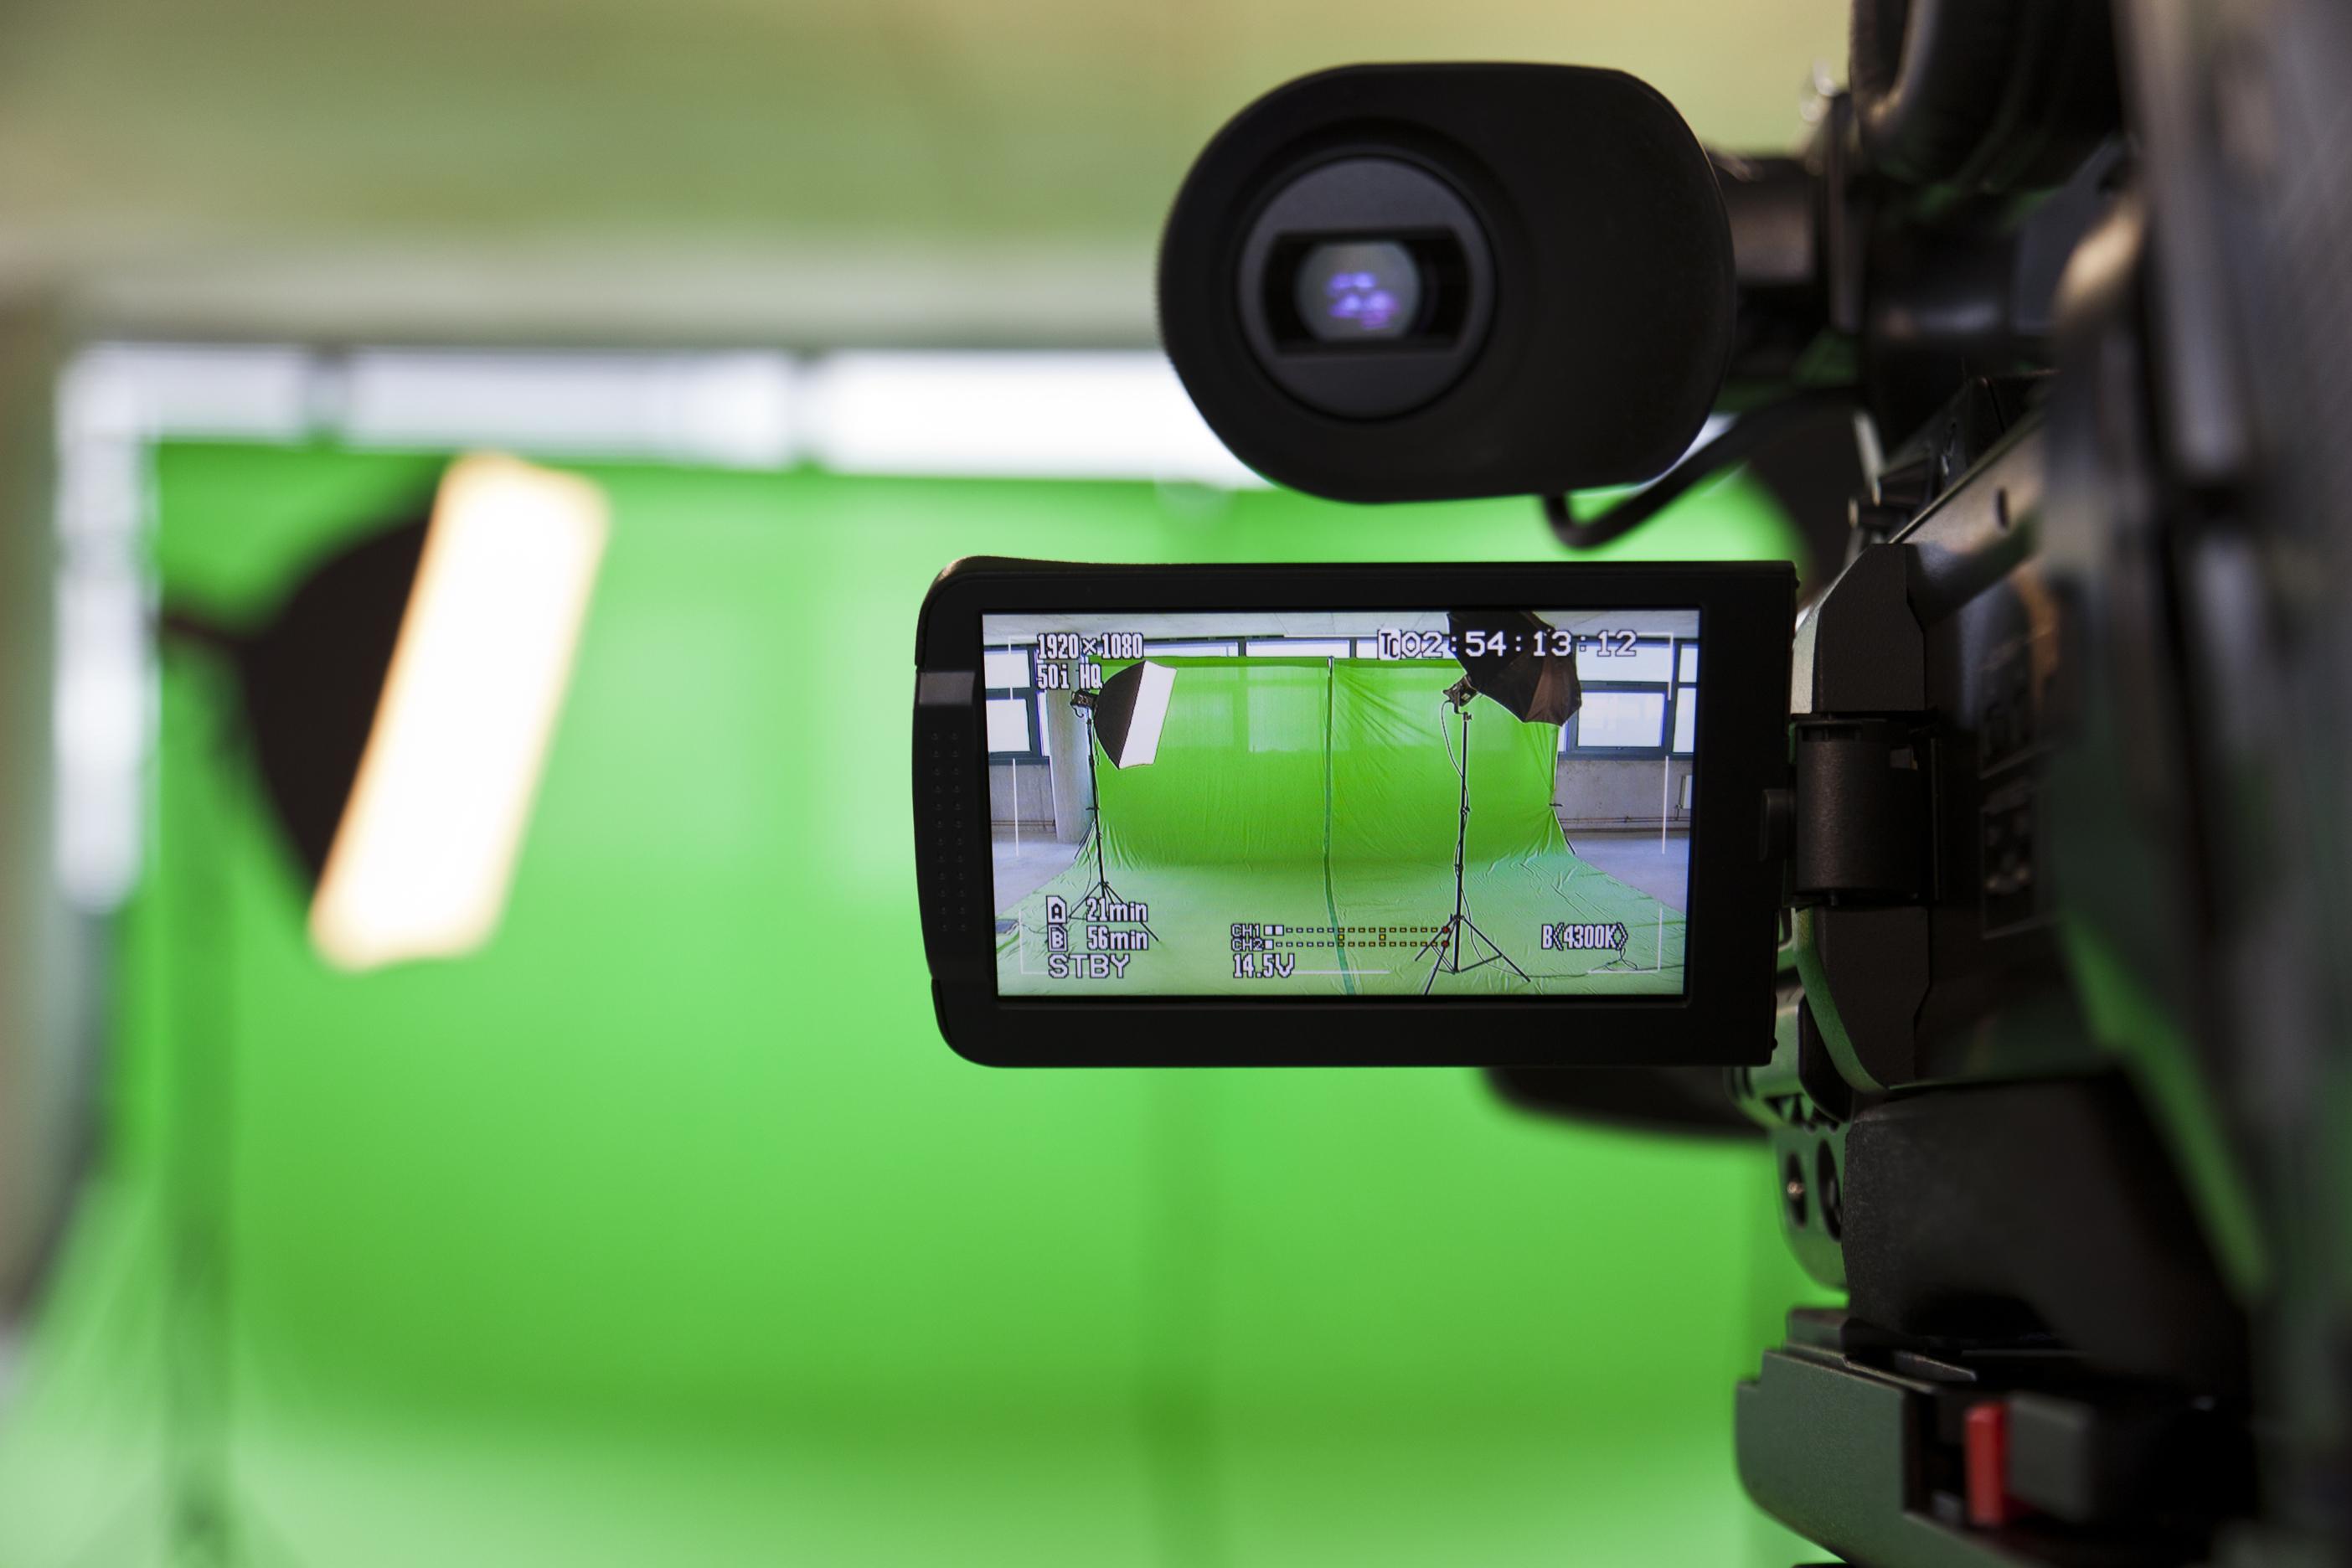 Apprend les bases du cinéma et des effets spéciaux